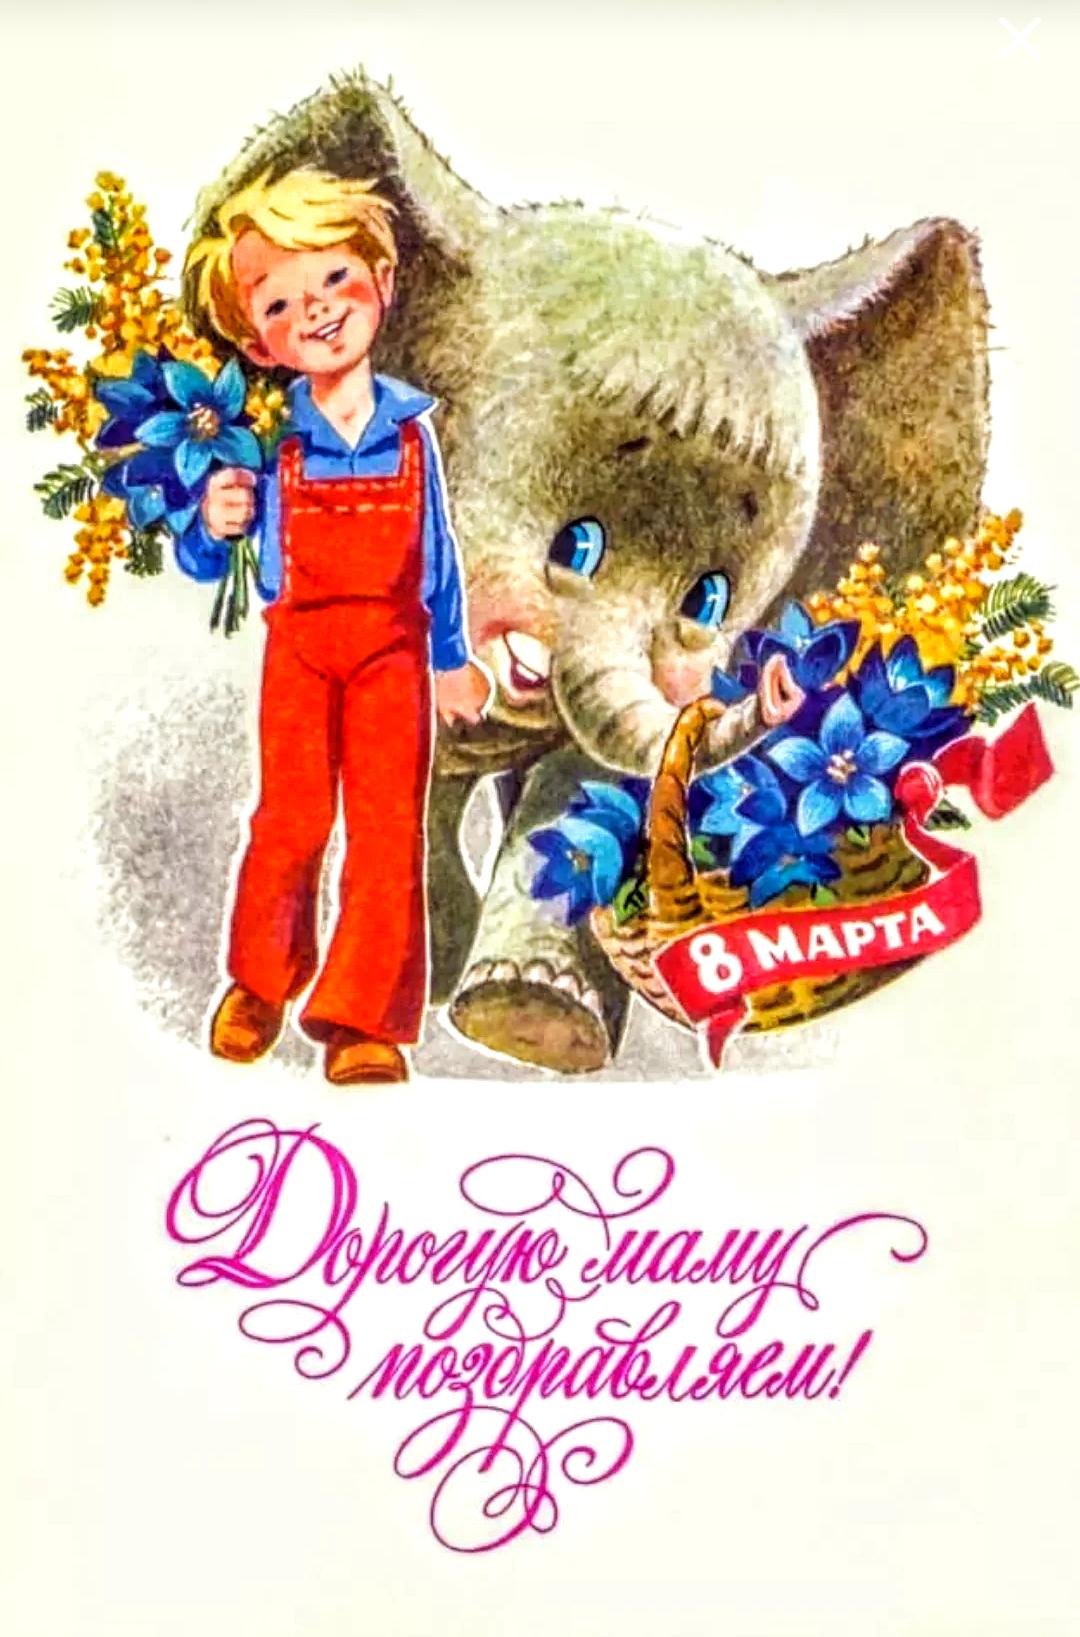 Советский открытки 8 марта